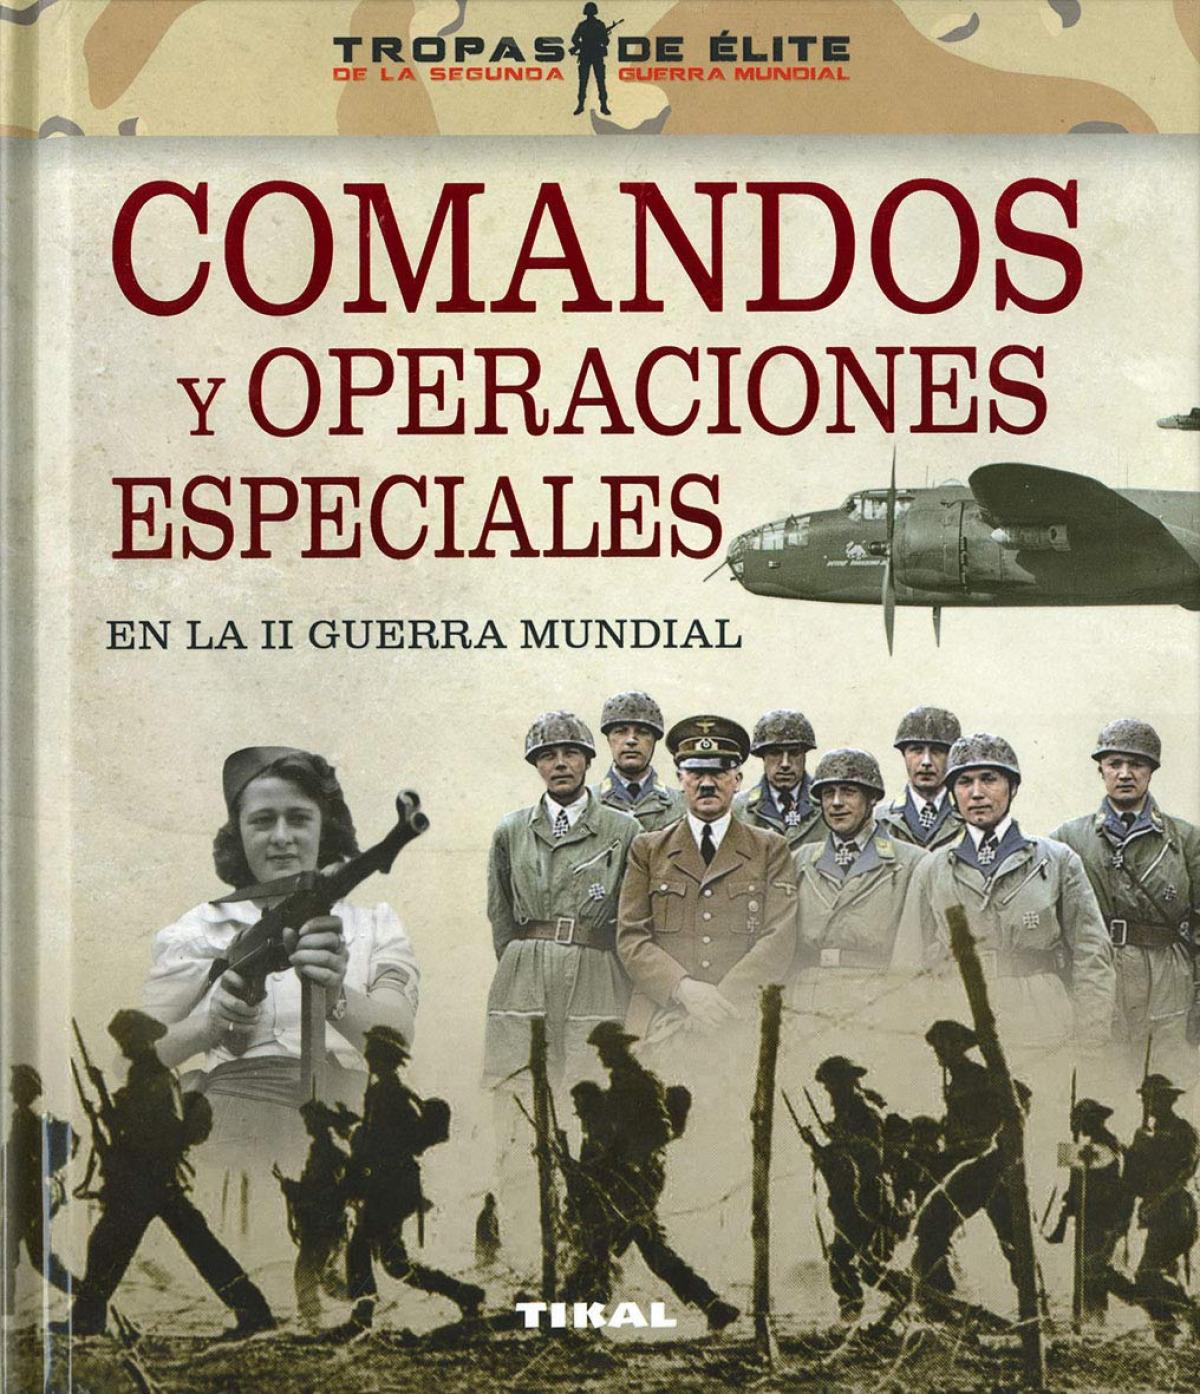 COMANDOS Y OPERACIONES ESPECIALES 9788499284859